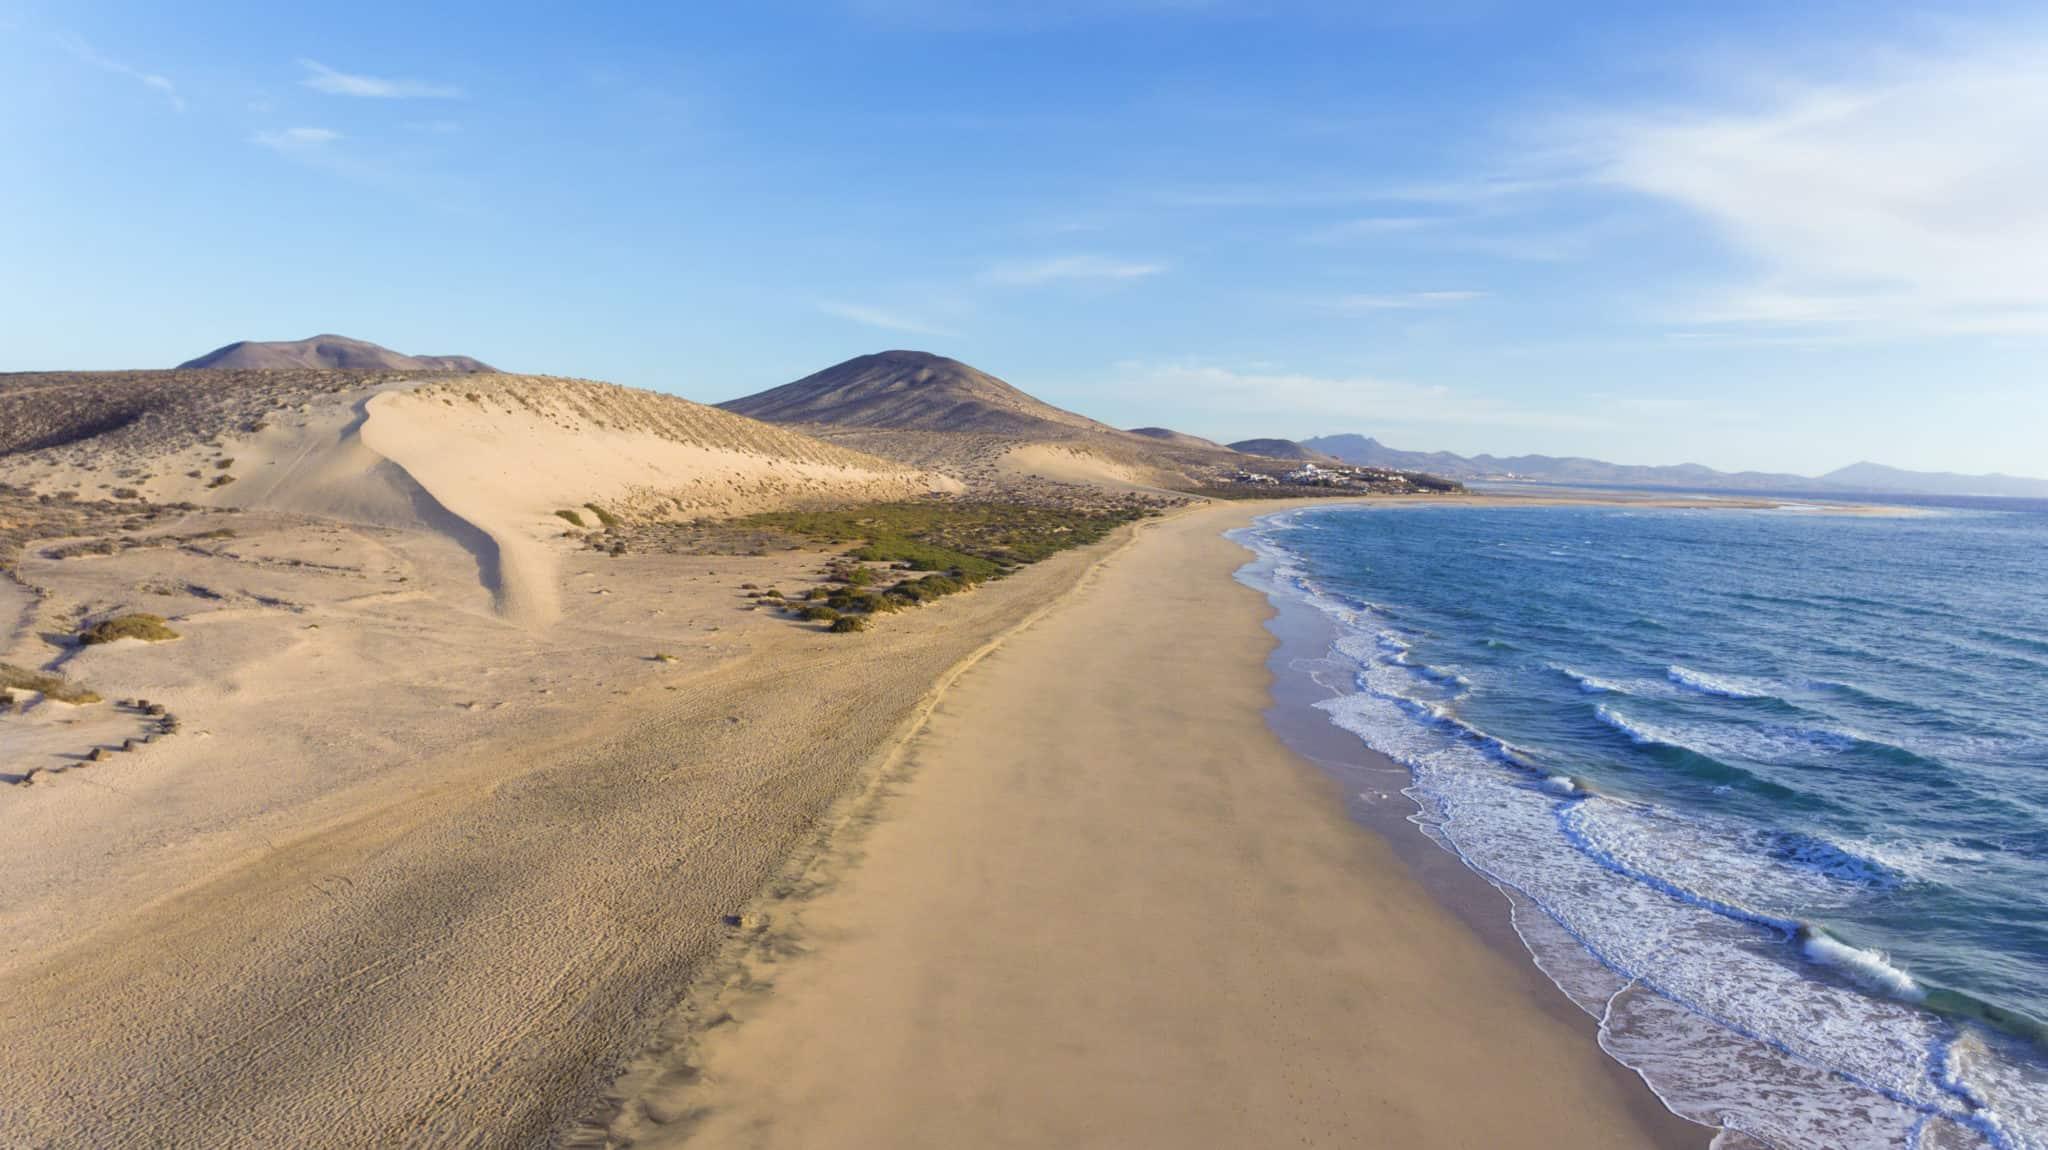 Traumstrand an der Costa Calma Fuerteventura